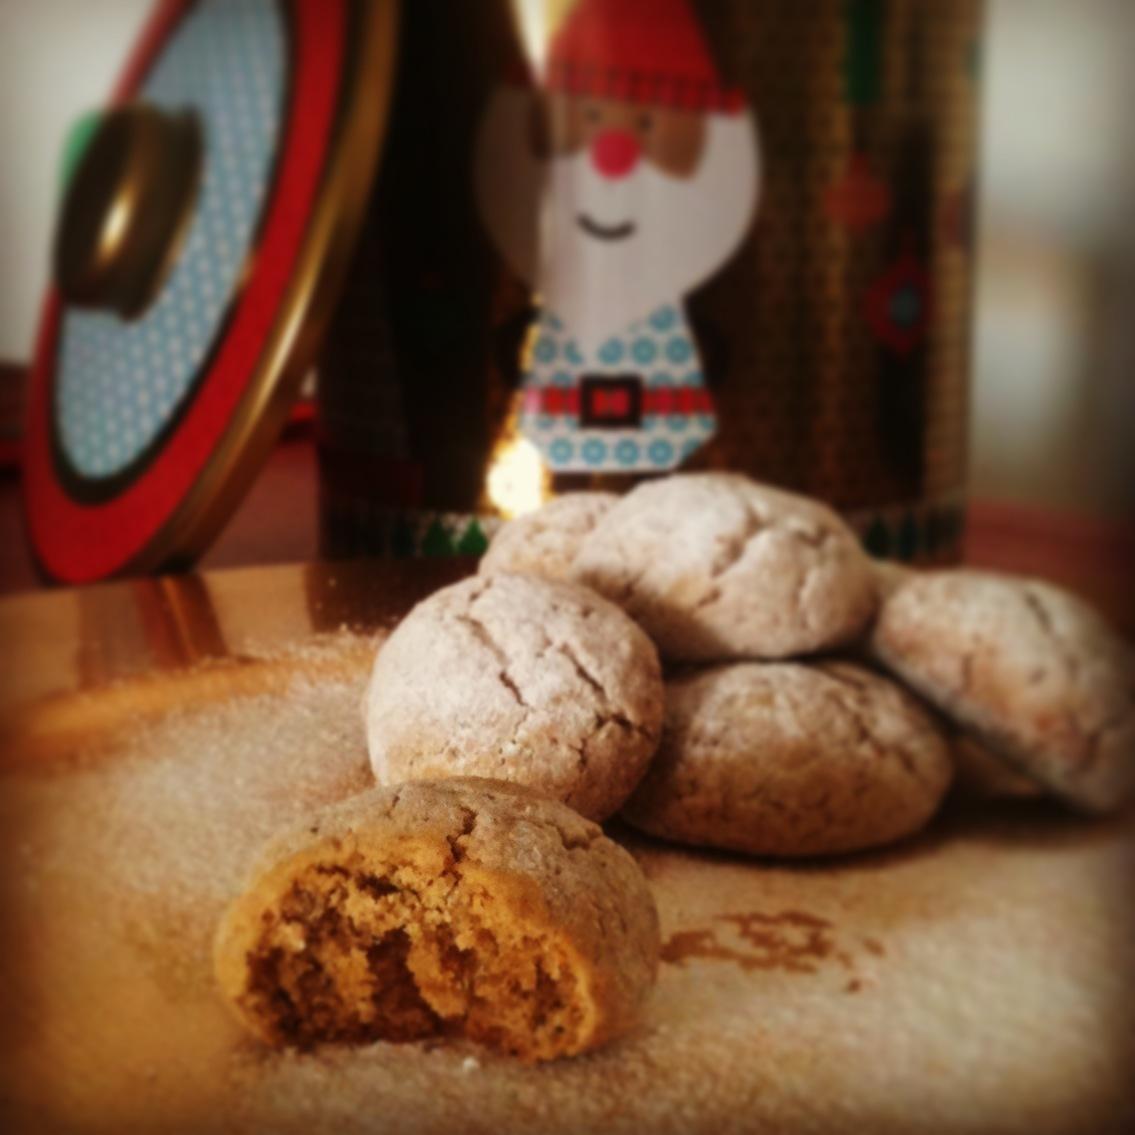 Galletas de Navidad: Pfeffernüssen o Nueces de pimienta